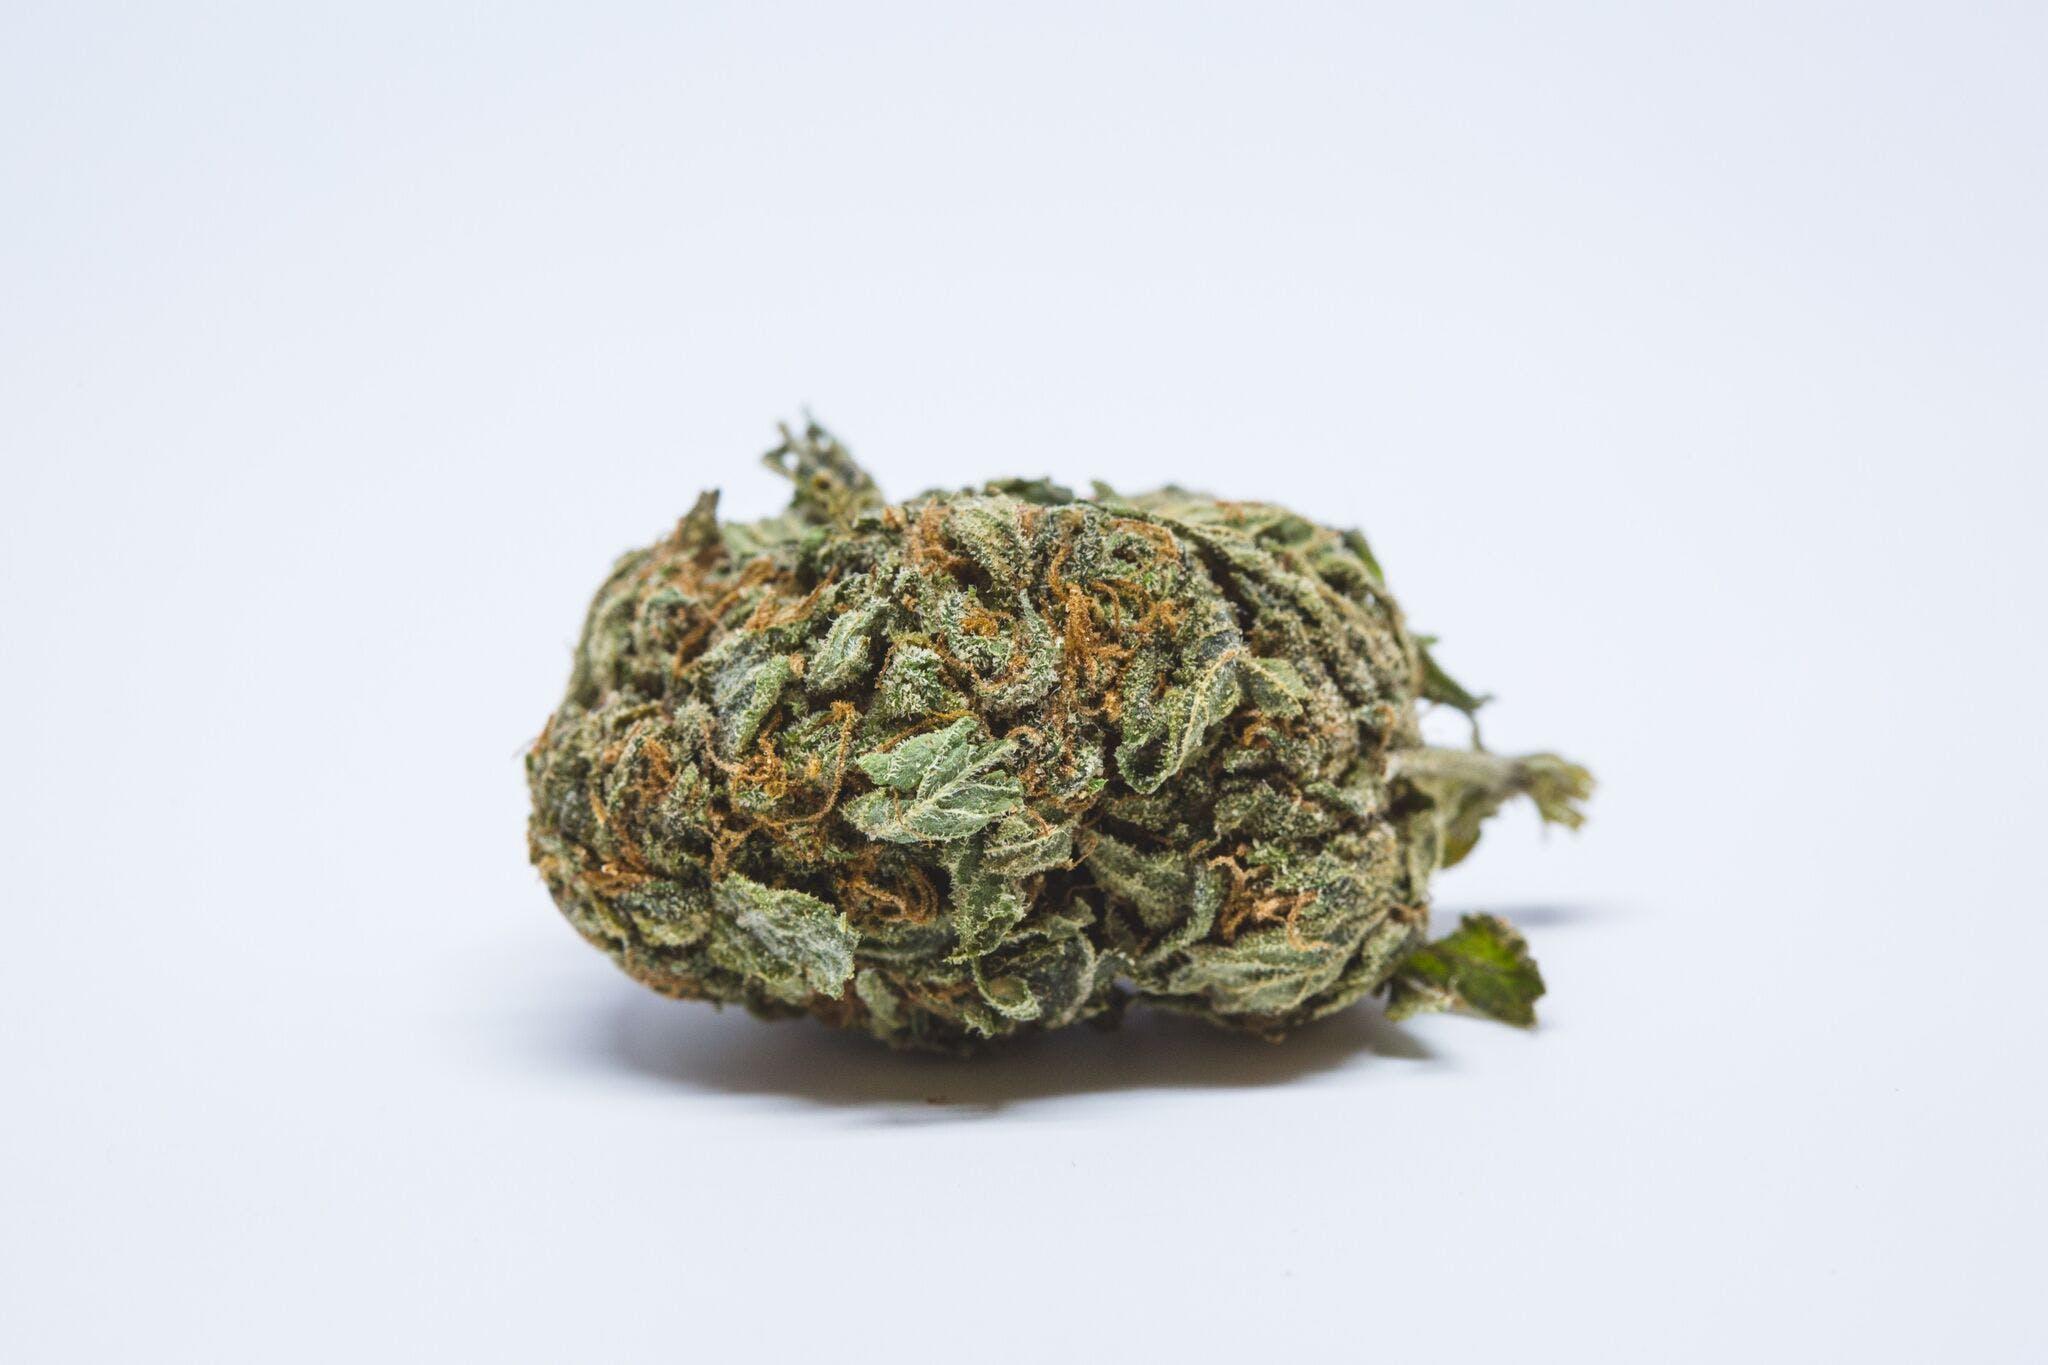 Conspiracy Kush weed; Conspiracy Kush Cannabis Strain, Conspiracy Kush Indica Marijuana Strain